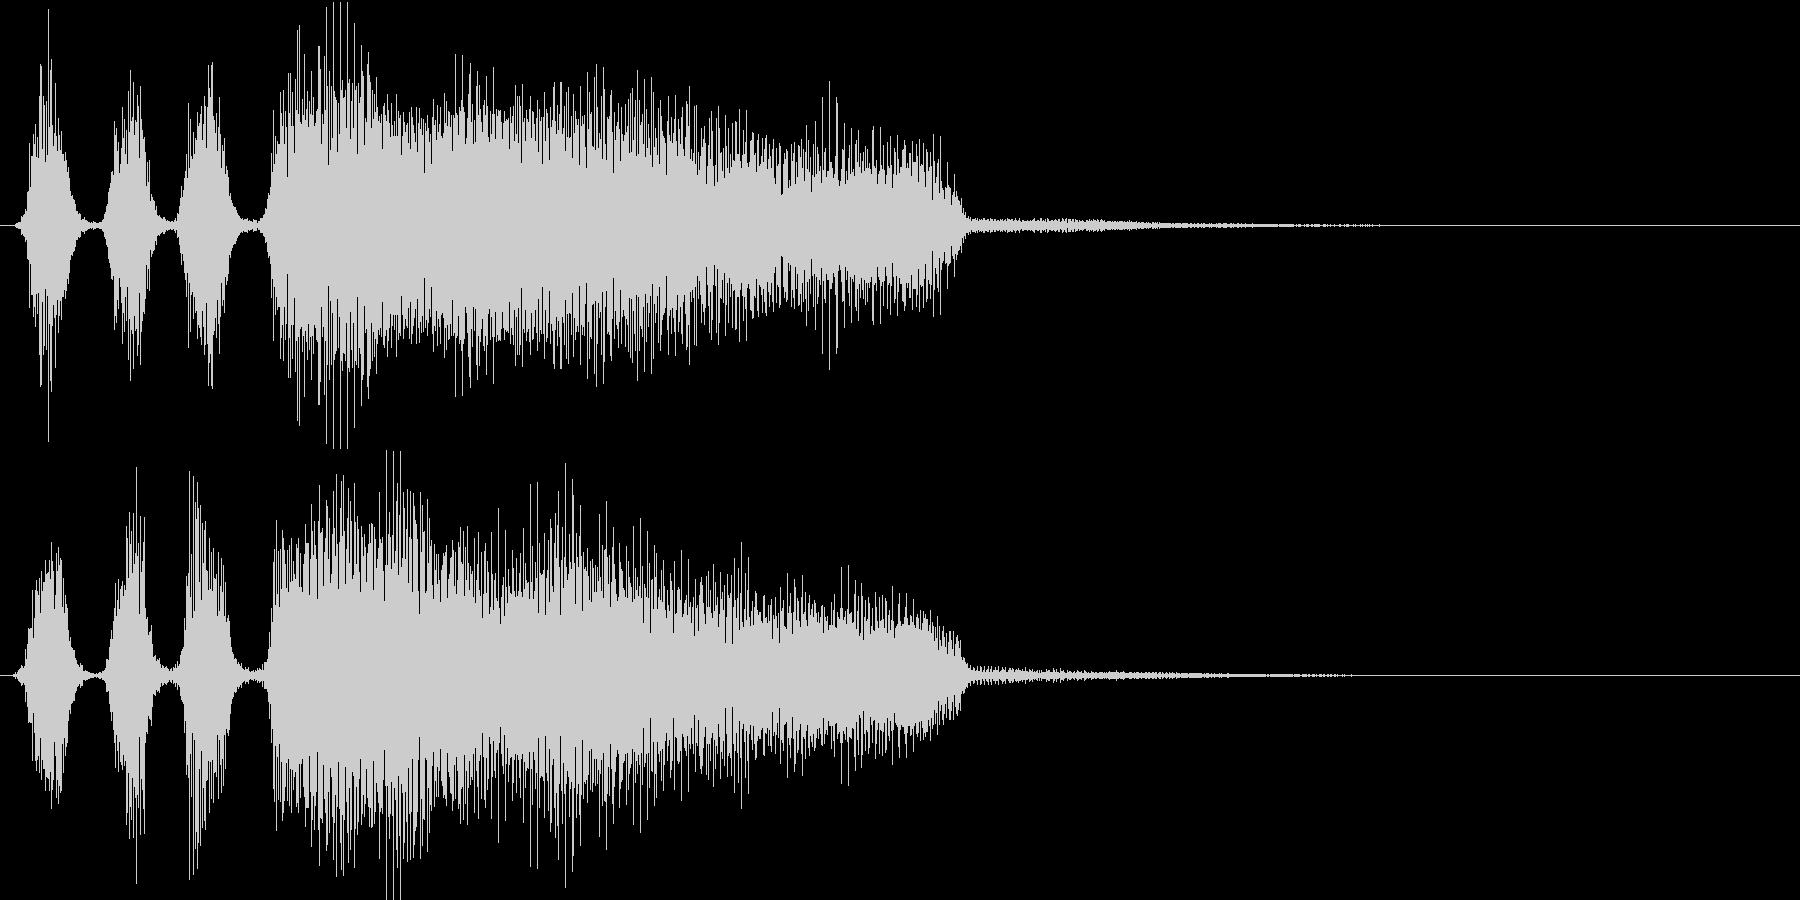 パパパパーン(シンプルなファンファーレ)の未再生の波形